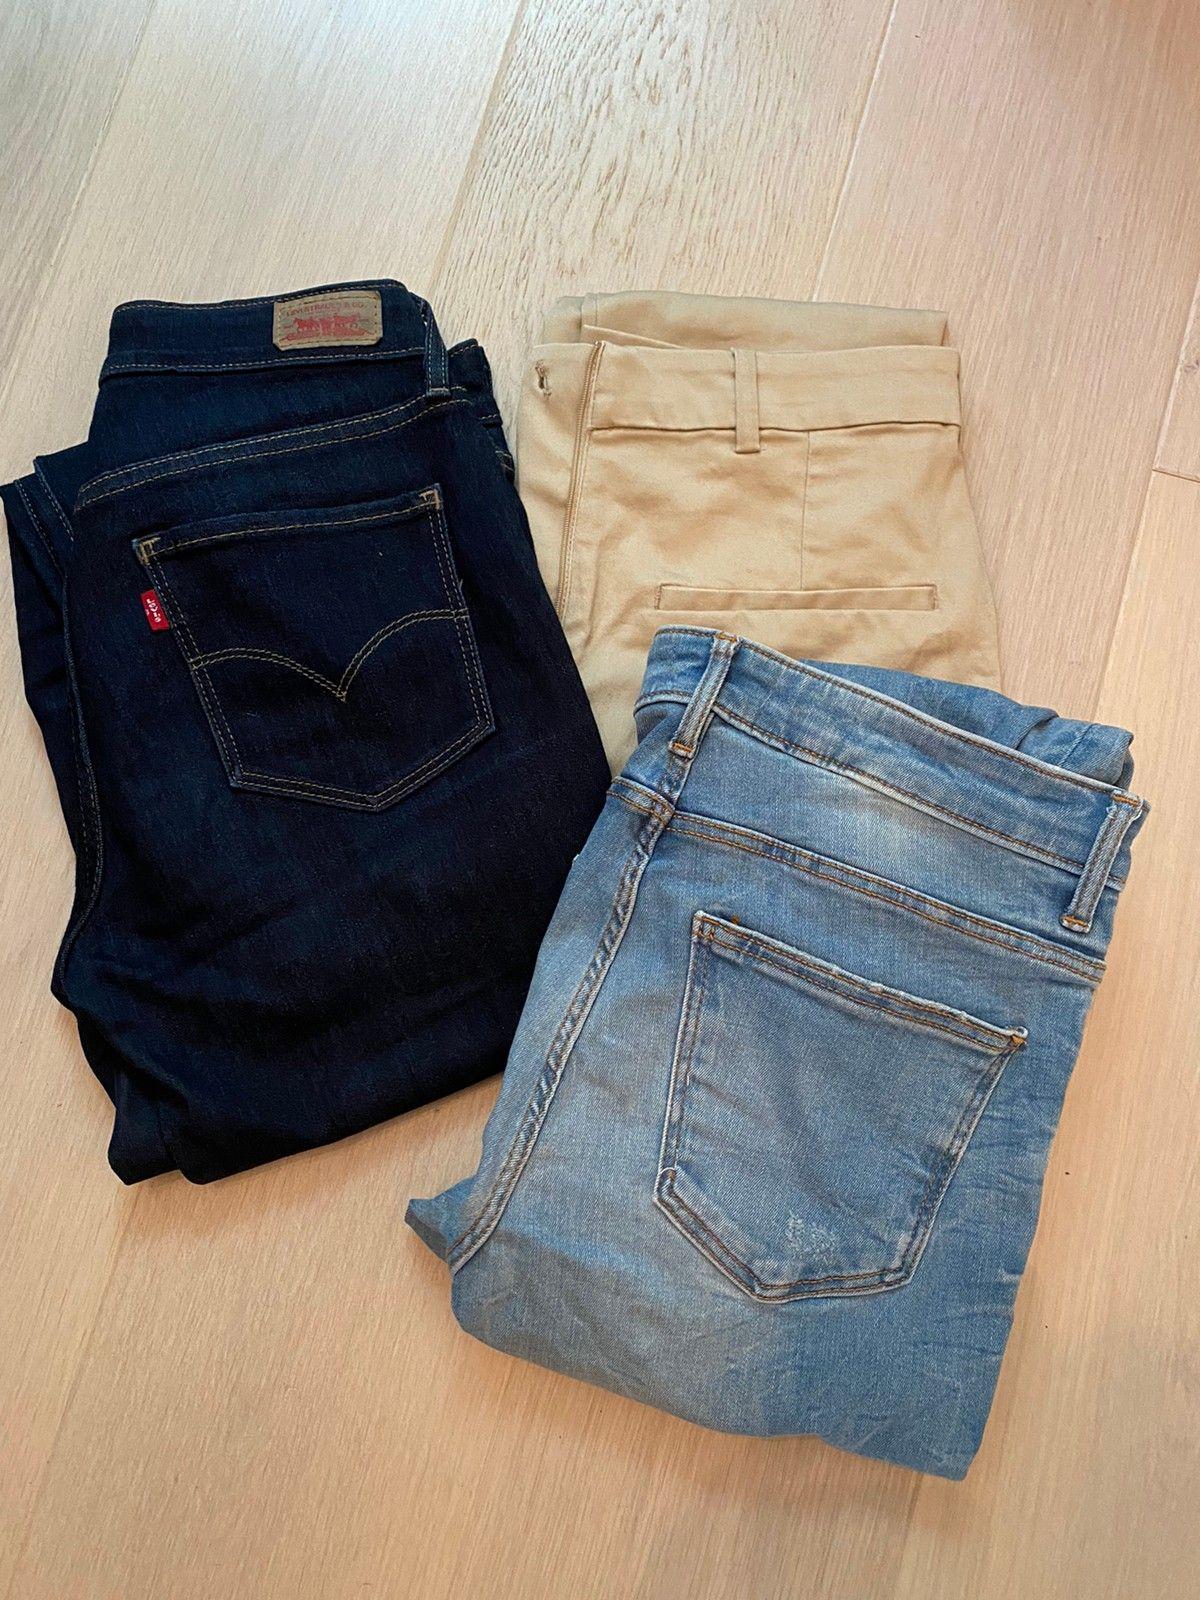 Levis olabukse og to andra bukser | FINN.no